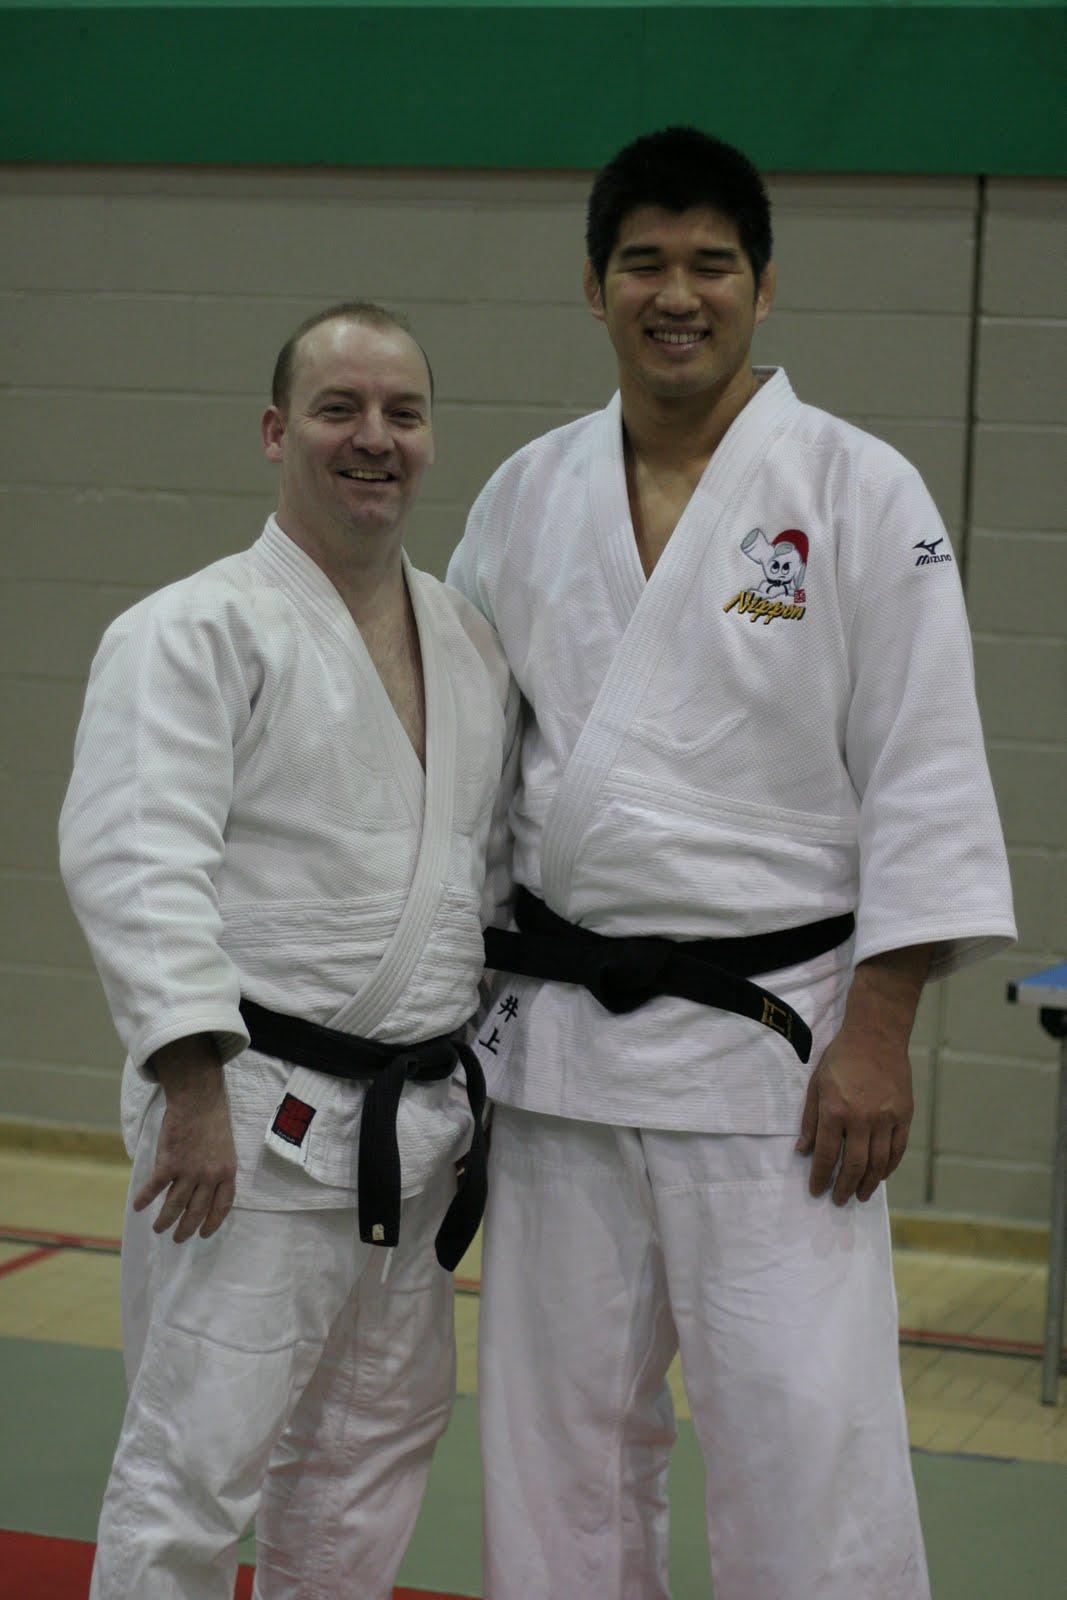 Manchester Osteopaths Manchester Osteopath Meets Kosei Inoue